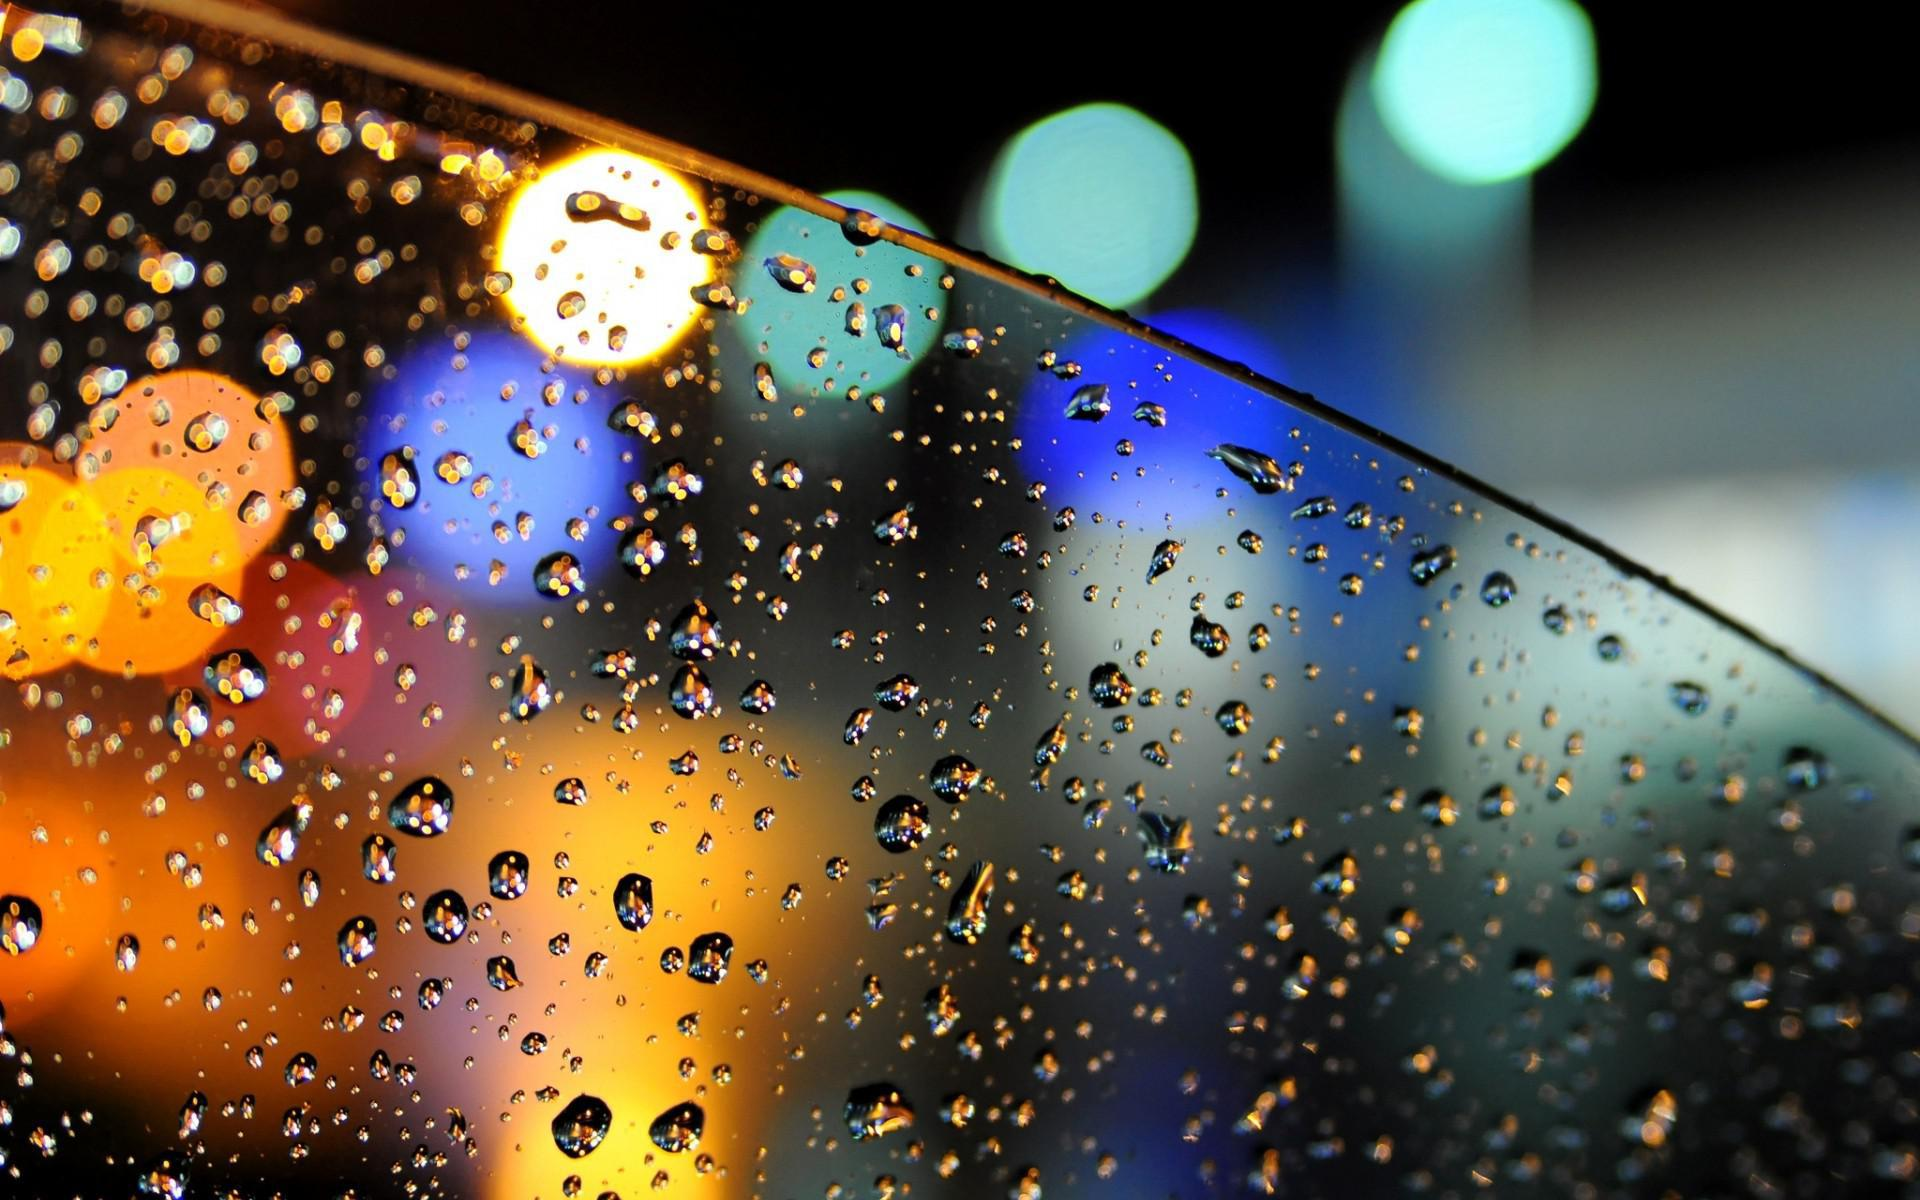 Wallpaper 3d Bergerak Free Download Mobil Lampu Bokeh Kaca Tetes Air Hujan Yang Luas Hd Ponsel